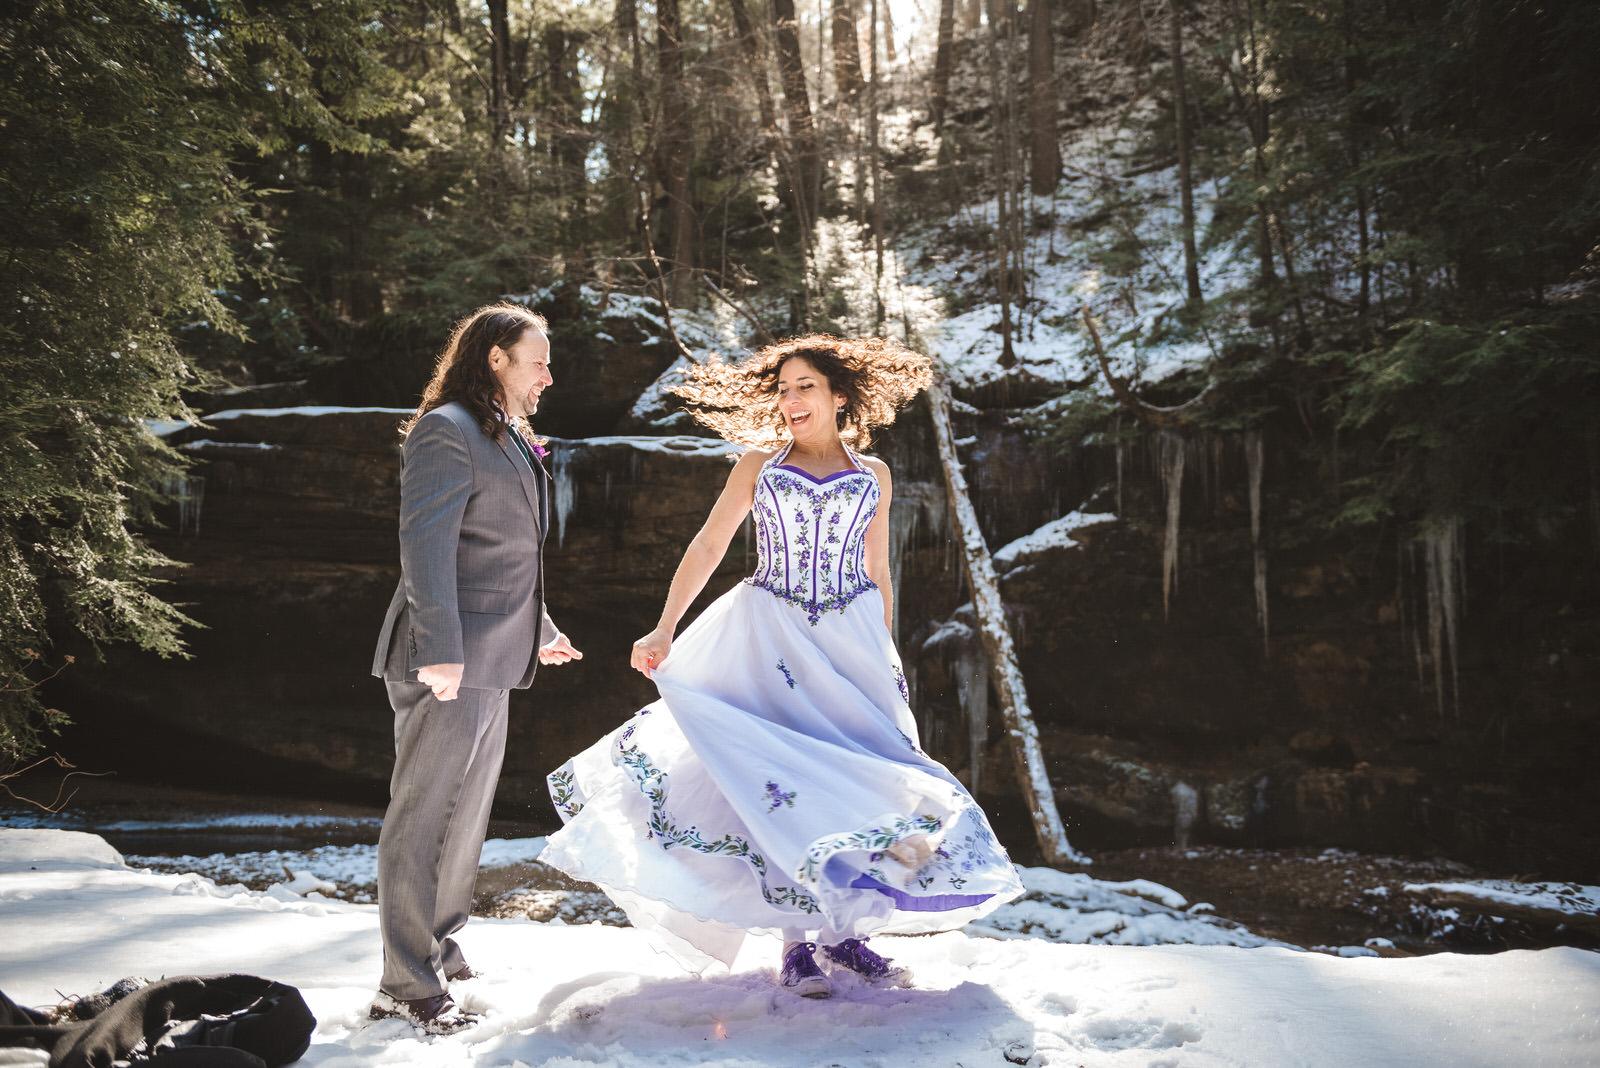 hocking-hills-ohio-wedding-elopement-dress-twirl